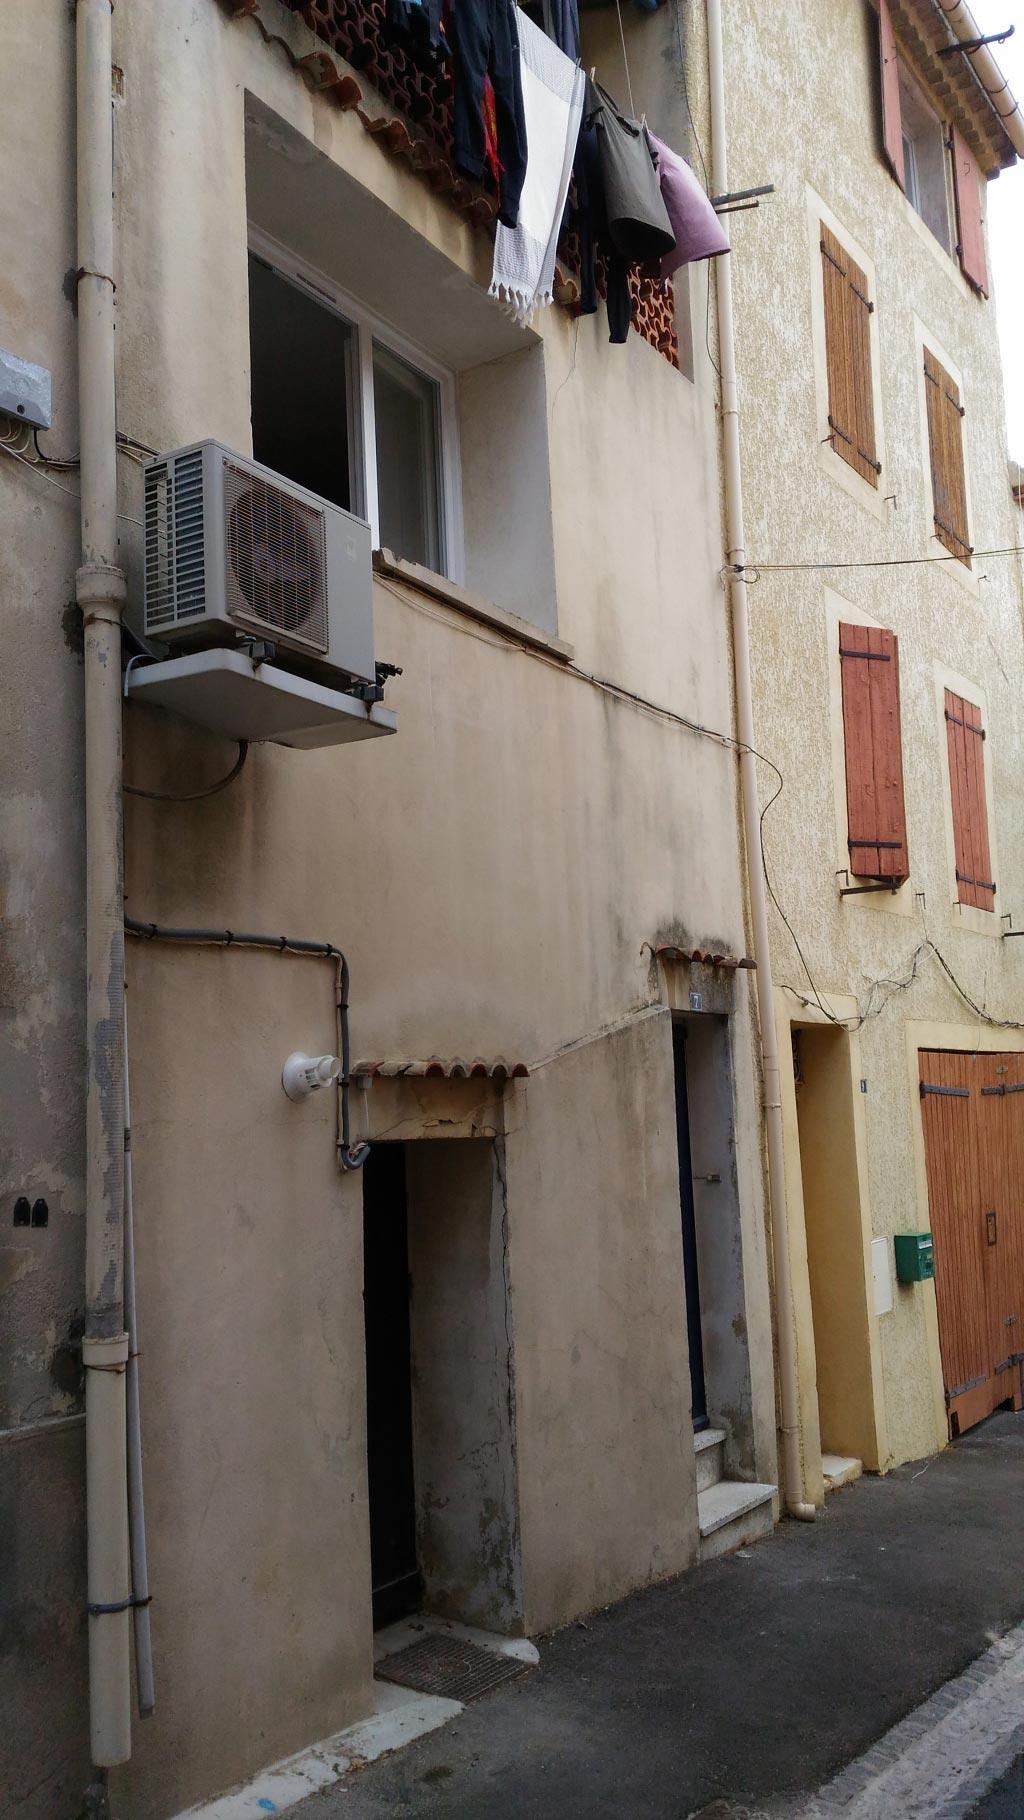 installation d'une chaudière gaz condensation chaffoteaux, création d'un réseau de chauffage central radiateurs acier-Bouches du Rhône (13)